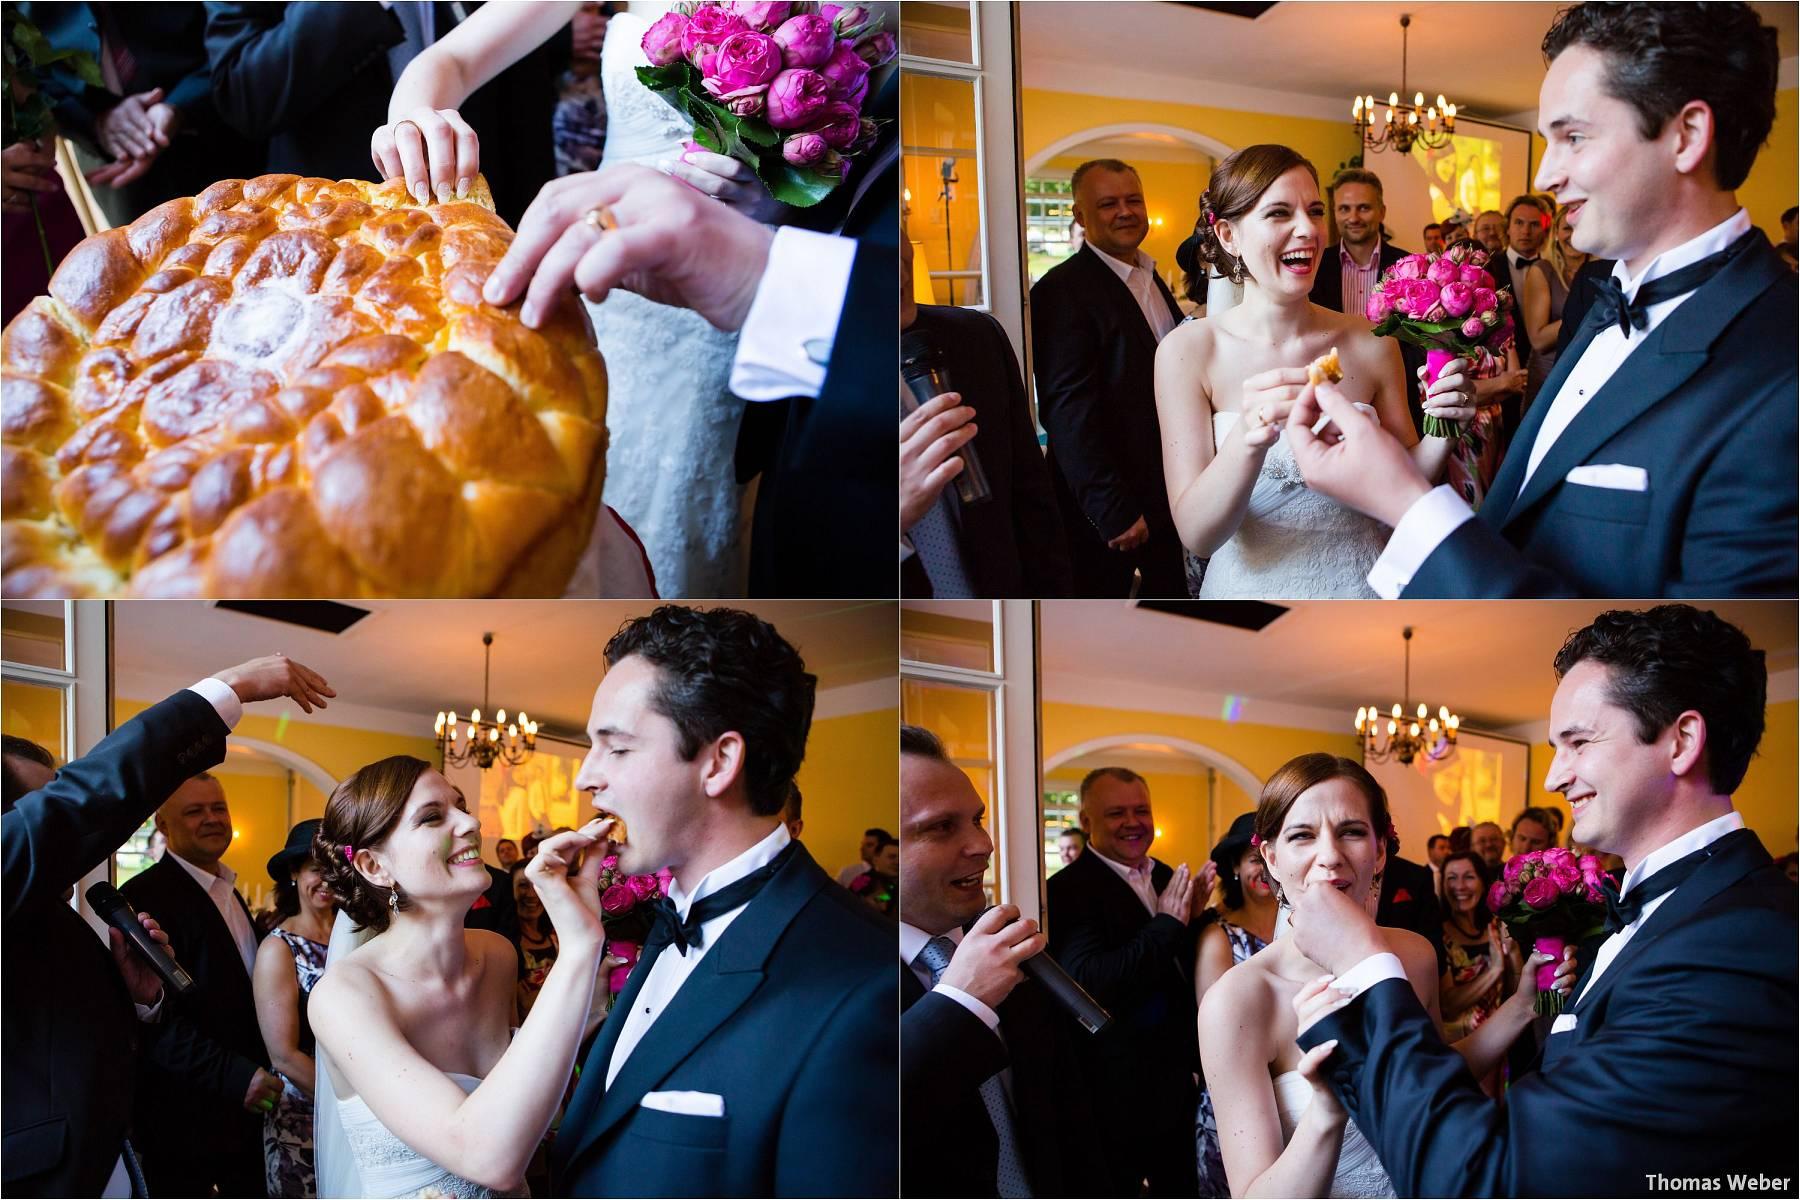 Hochzeitsfotograf Oldenburg: Russische Hochzeit im Standesamt am Pferdemarkt und Hochzeitsfeier im Landhaus Etzhorn (20)